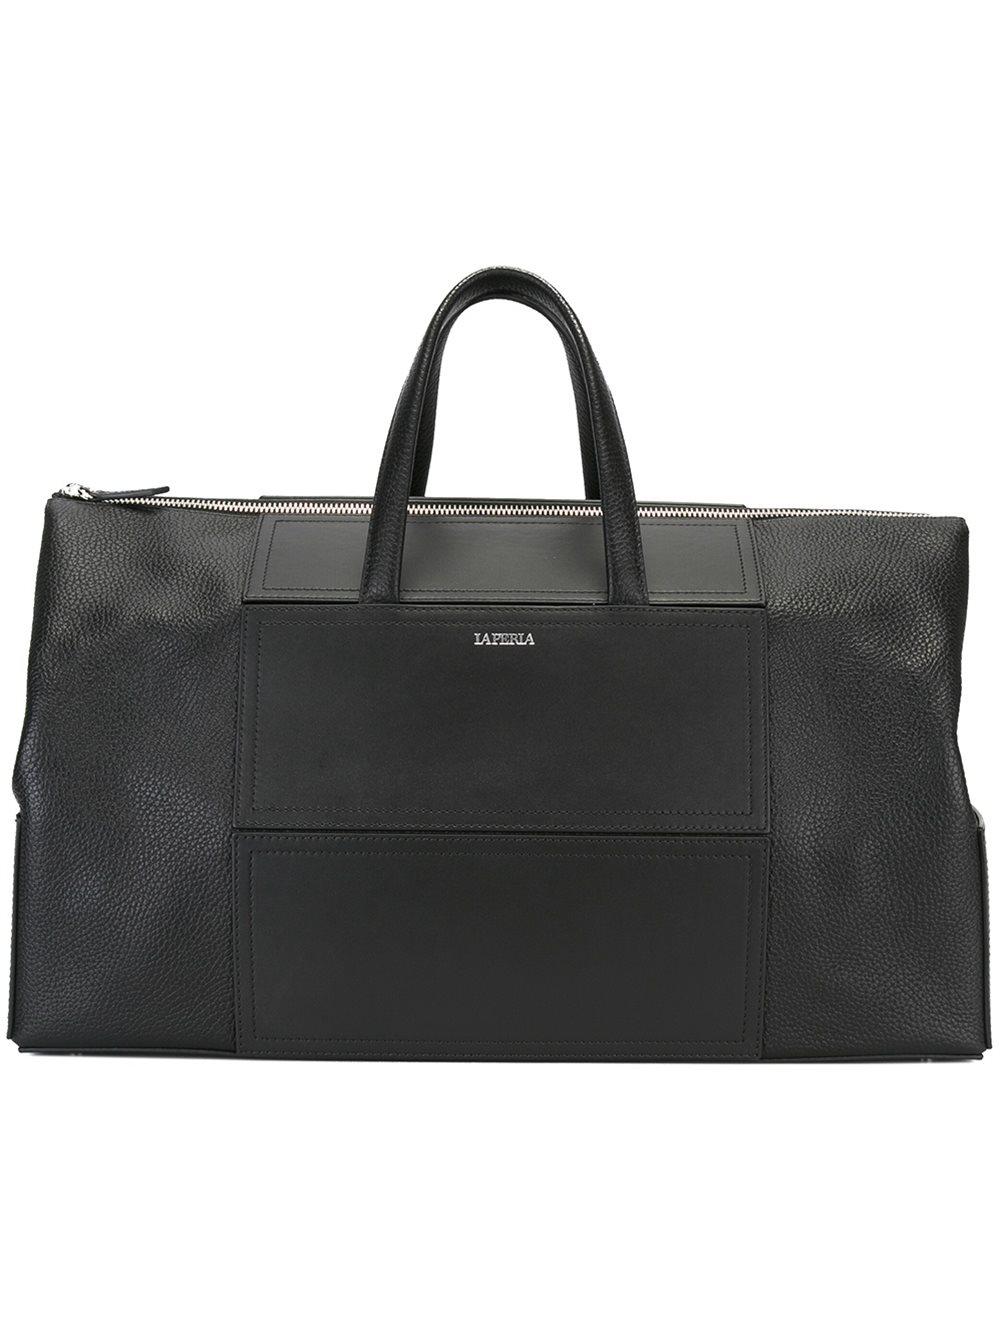 efba500656d4 Lyst - La Perla  weekend  Bag in Black